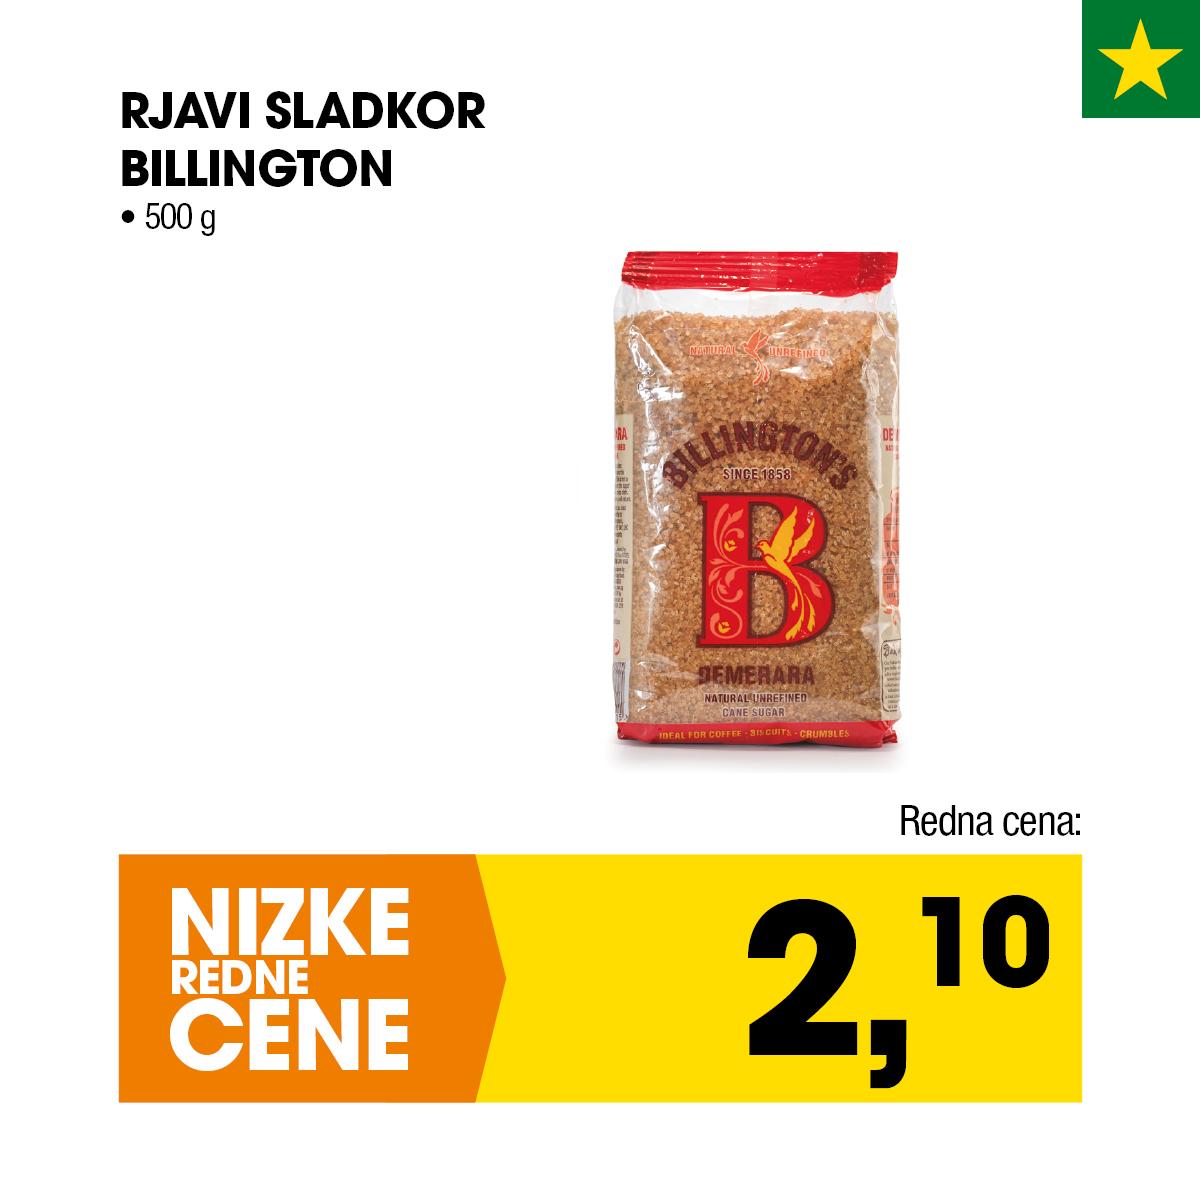 Nizke cene - Rjavi sladkor Billington